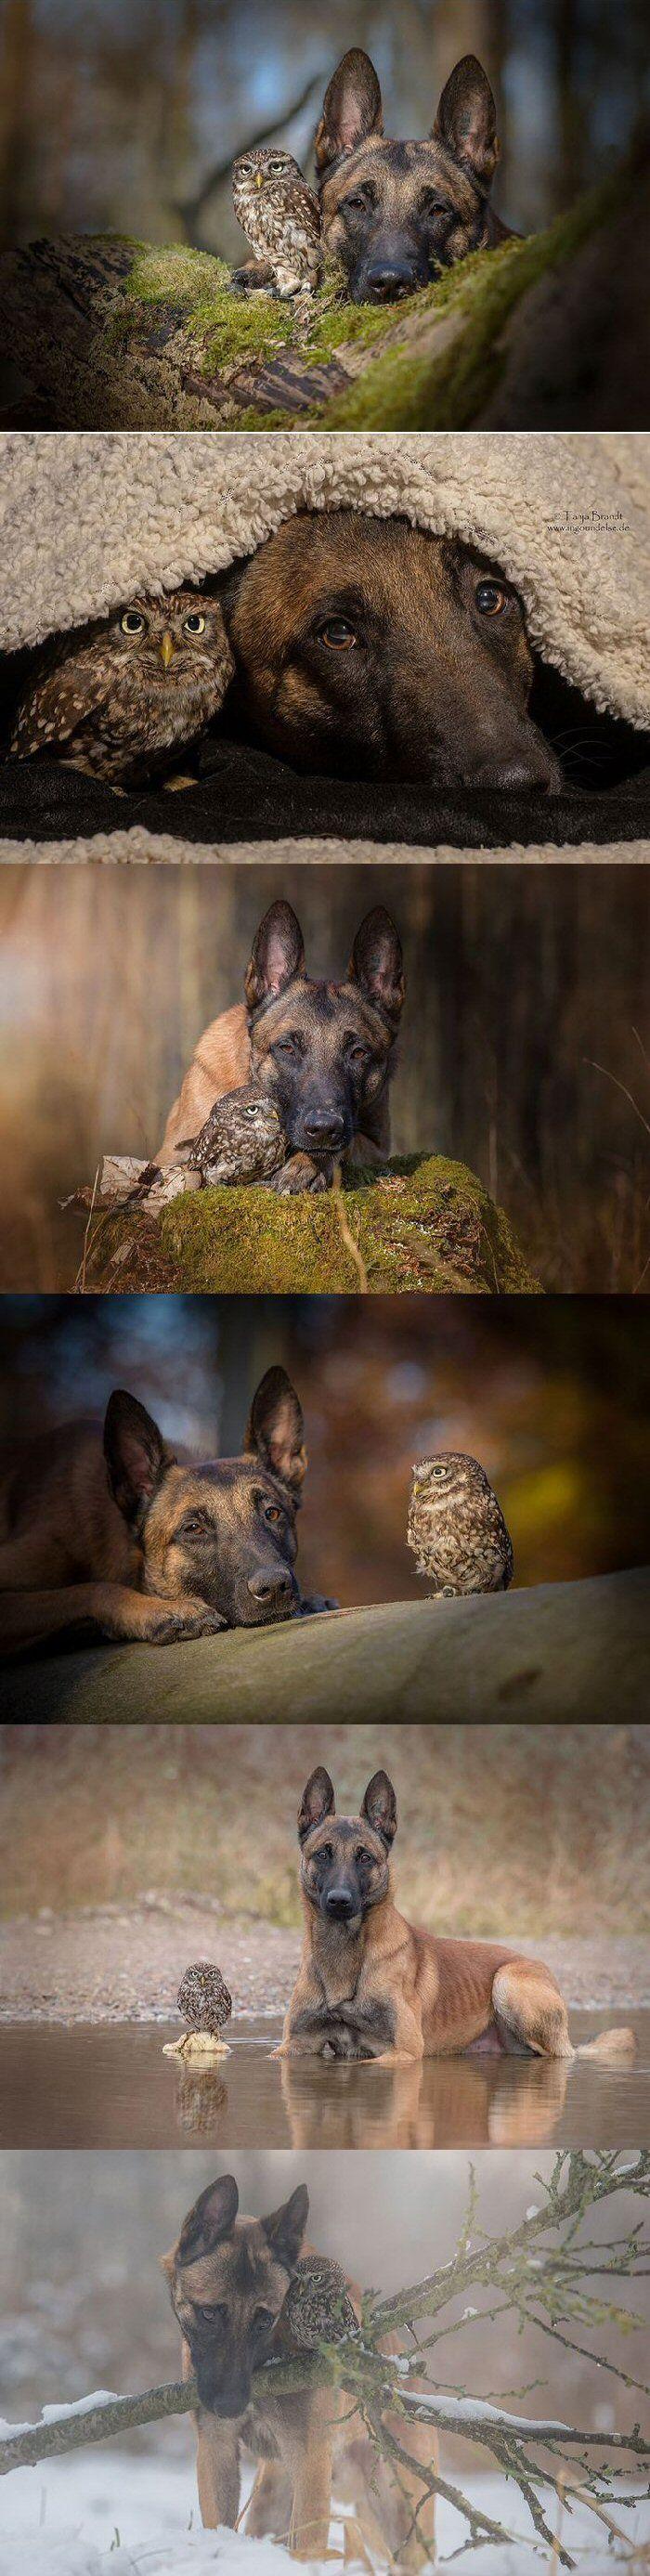 Ingo the Shepherd and Poldi the Owl (dog, owl)